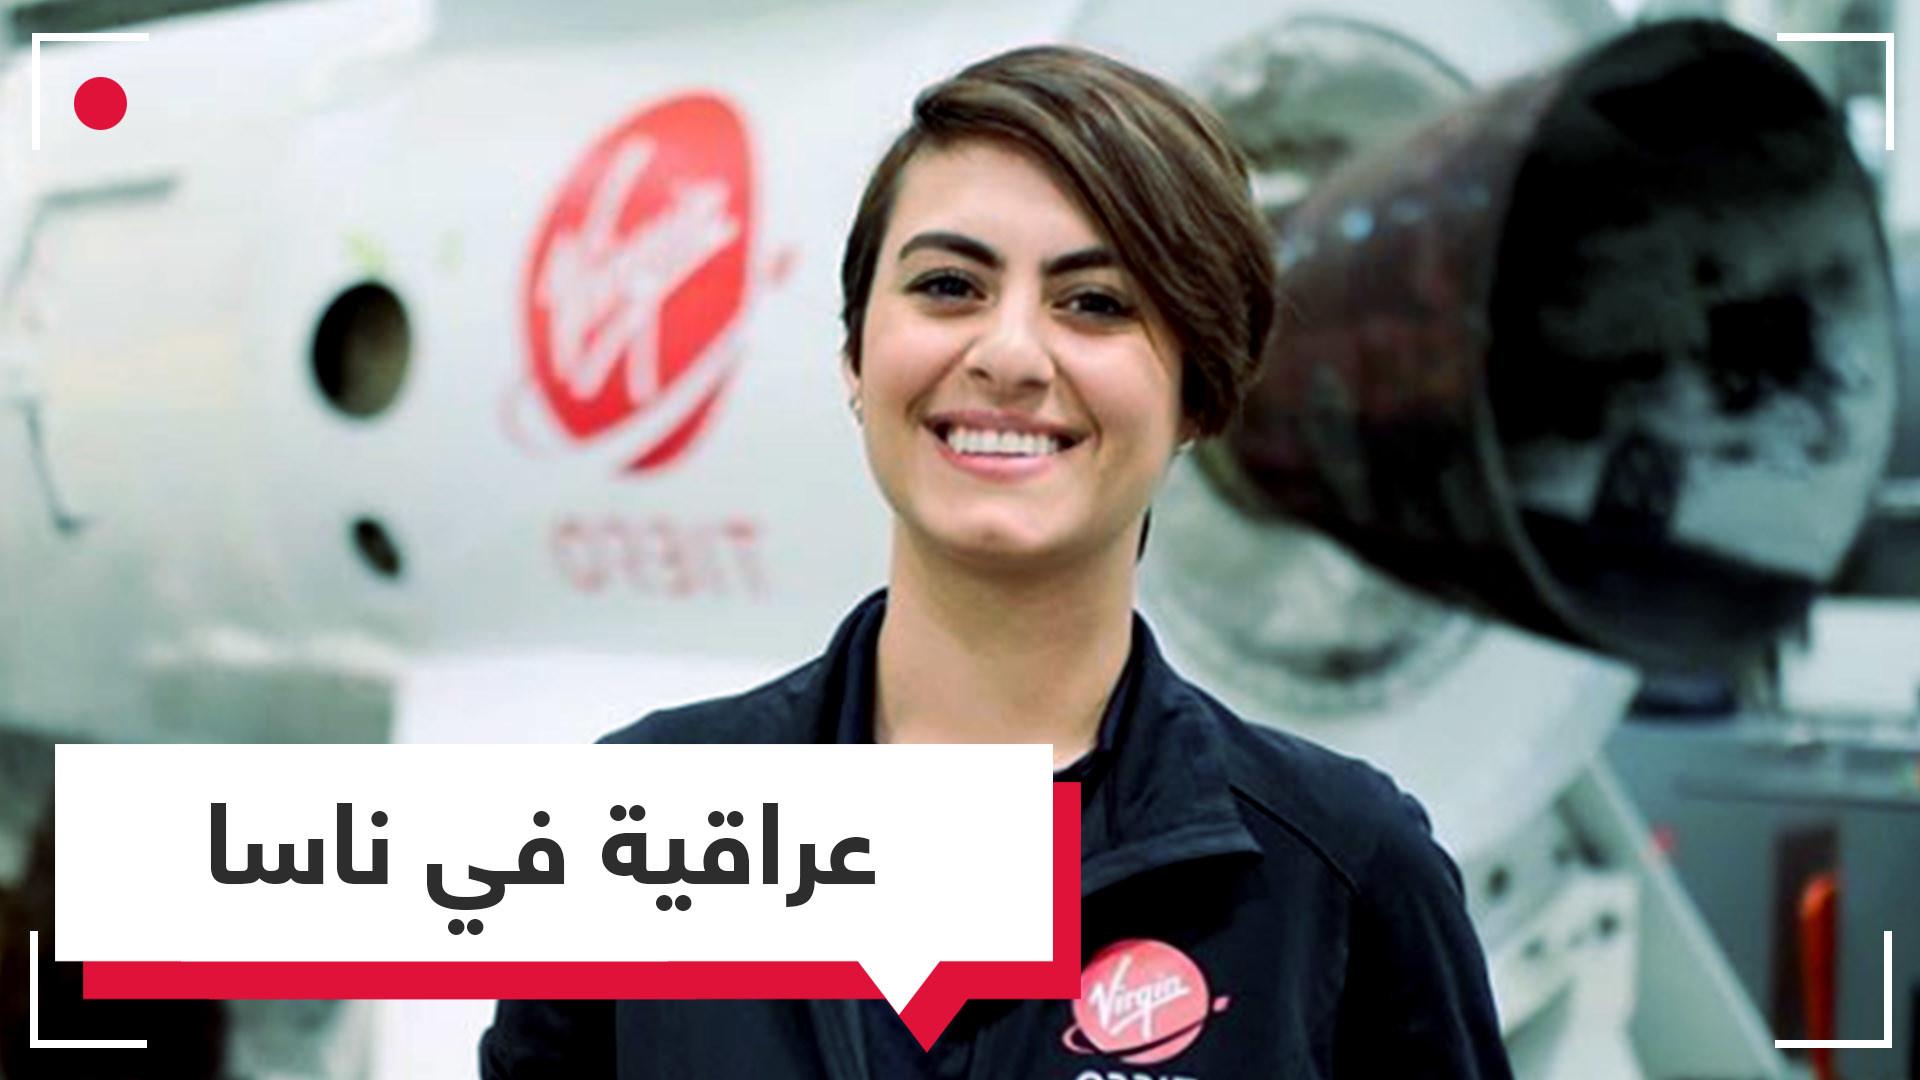 هذه قصتها.. ديانا السندي أول مهندسة عراقية تعمل في وكالة ناسا - RT-Arabic